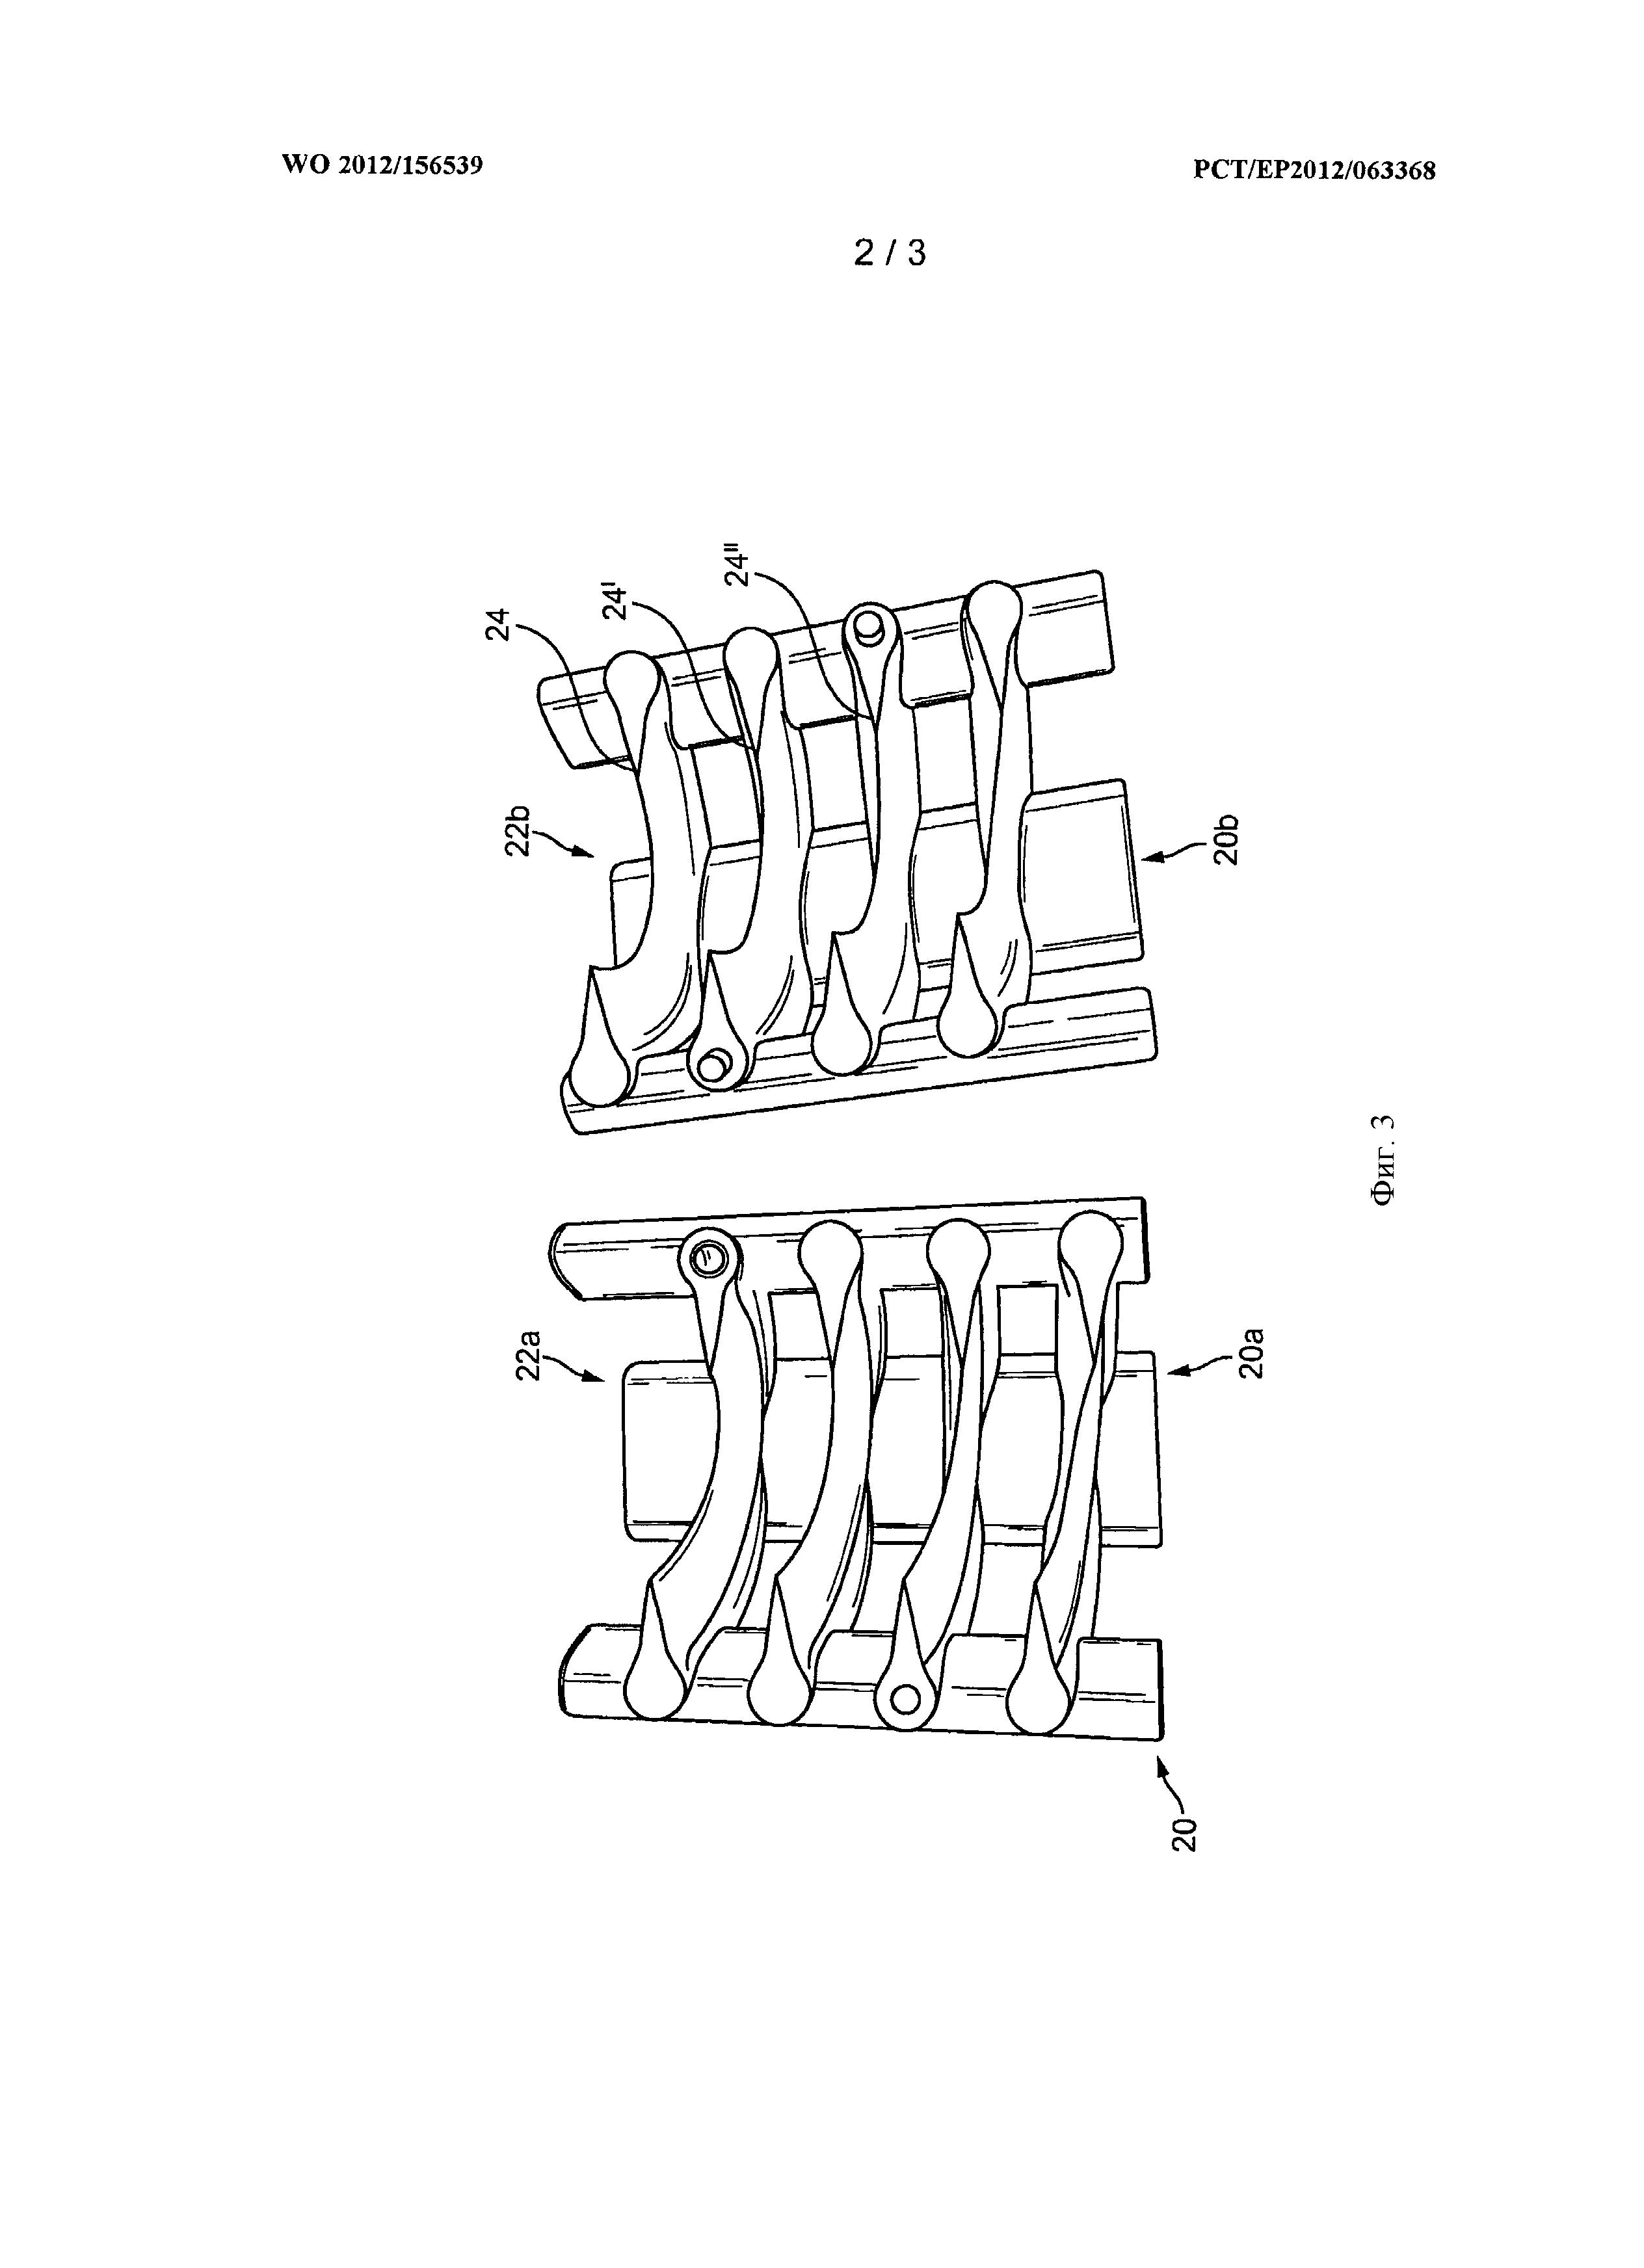 Замороженное кондитерское изделие с легкоснимающимся желейным покрытием и способ их производства